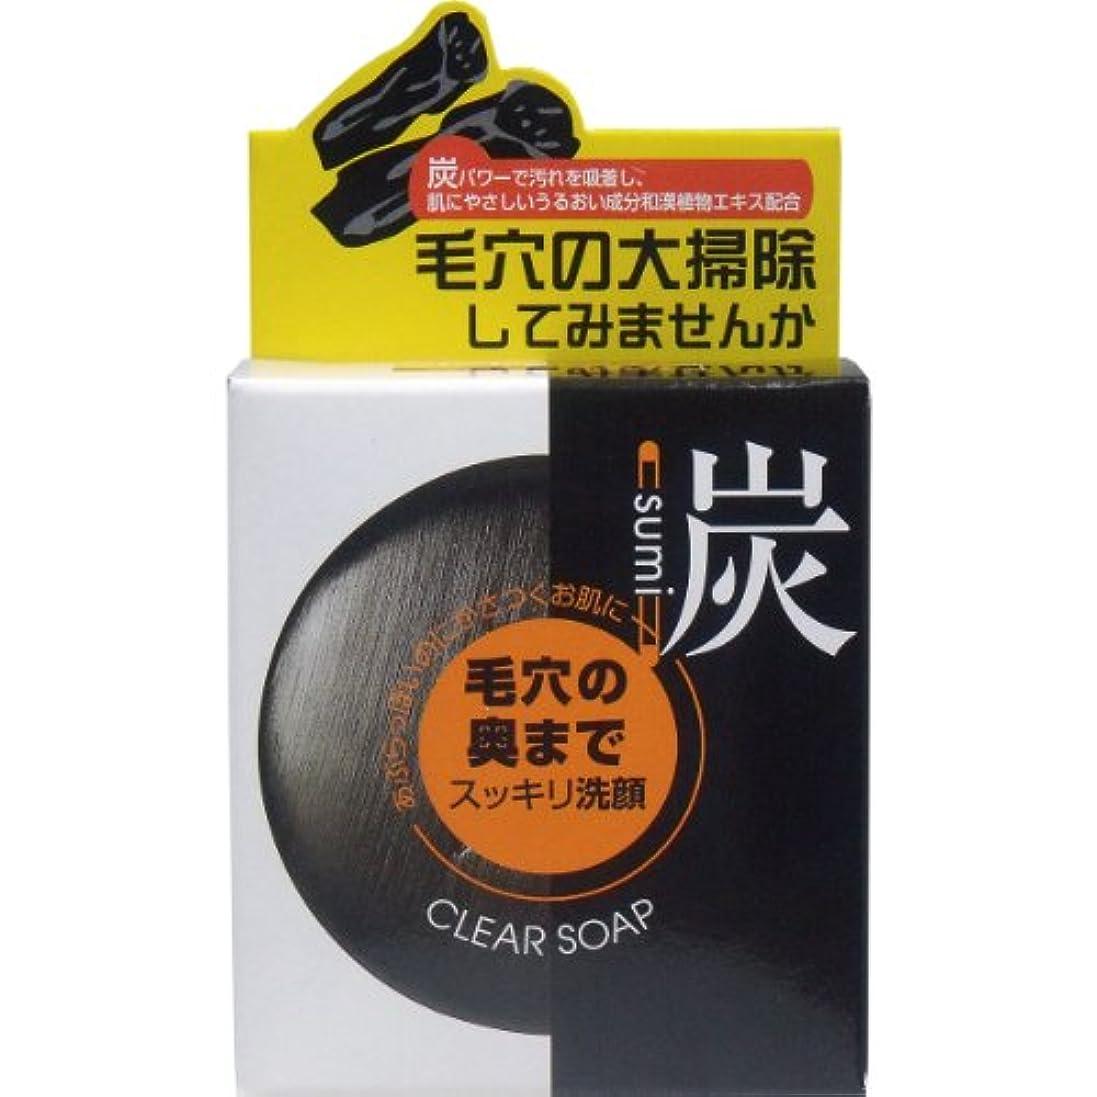 スプレー近代化するダースユゼ 炭透明石けん 無香料?無着色 100g【3個セット】